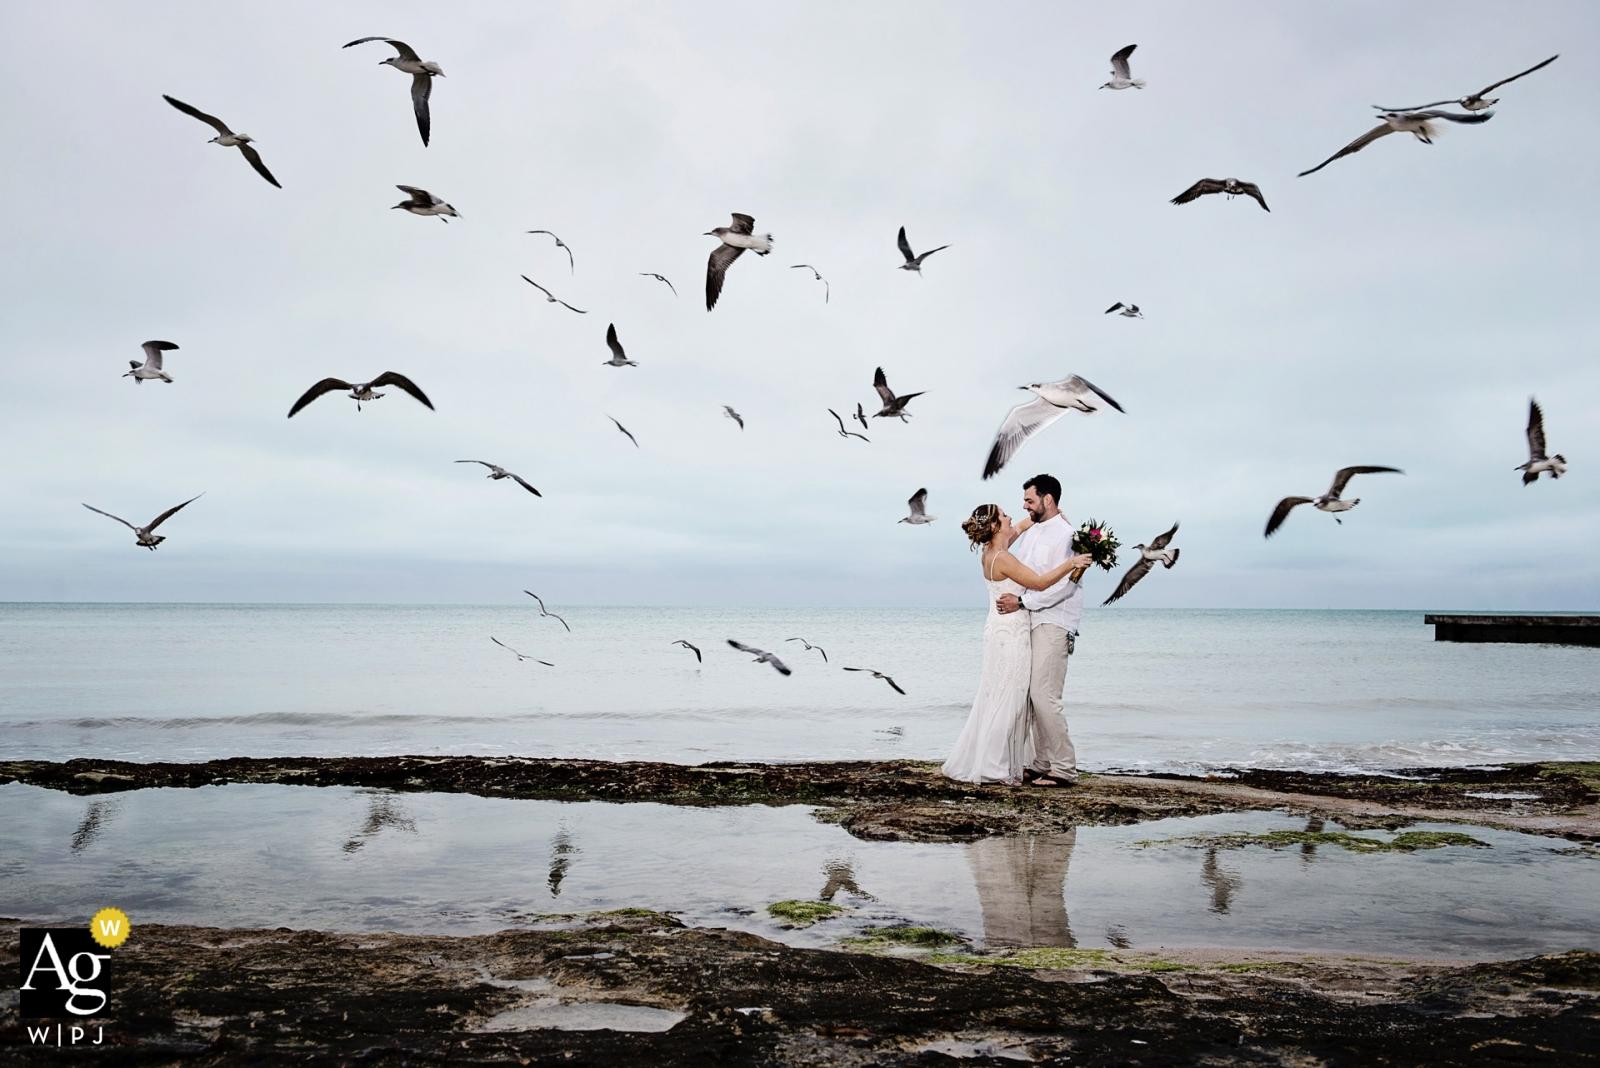 Florida-Hochzeitstagporträts bei Southernmost auf dem Strand - Paar, das mit Seemöwen aufwirft